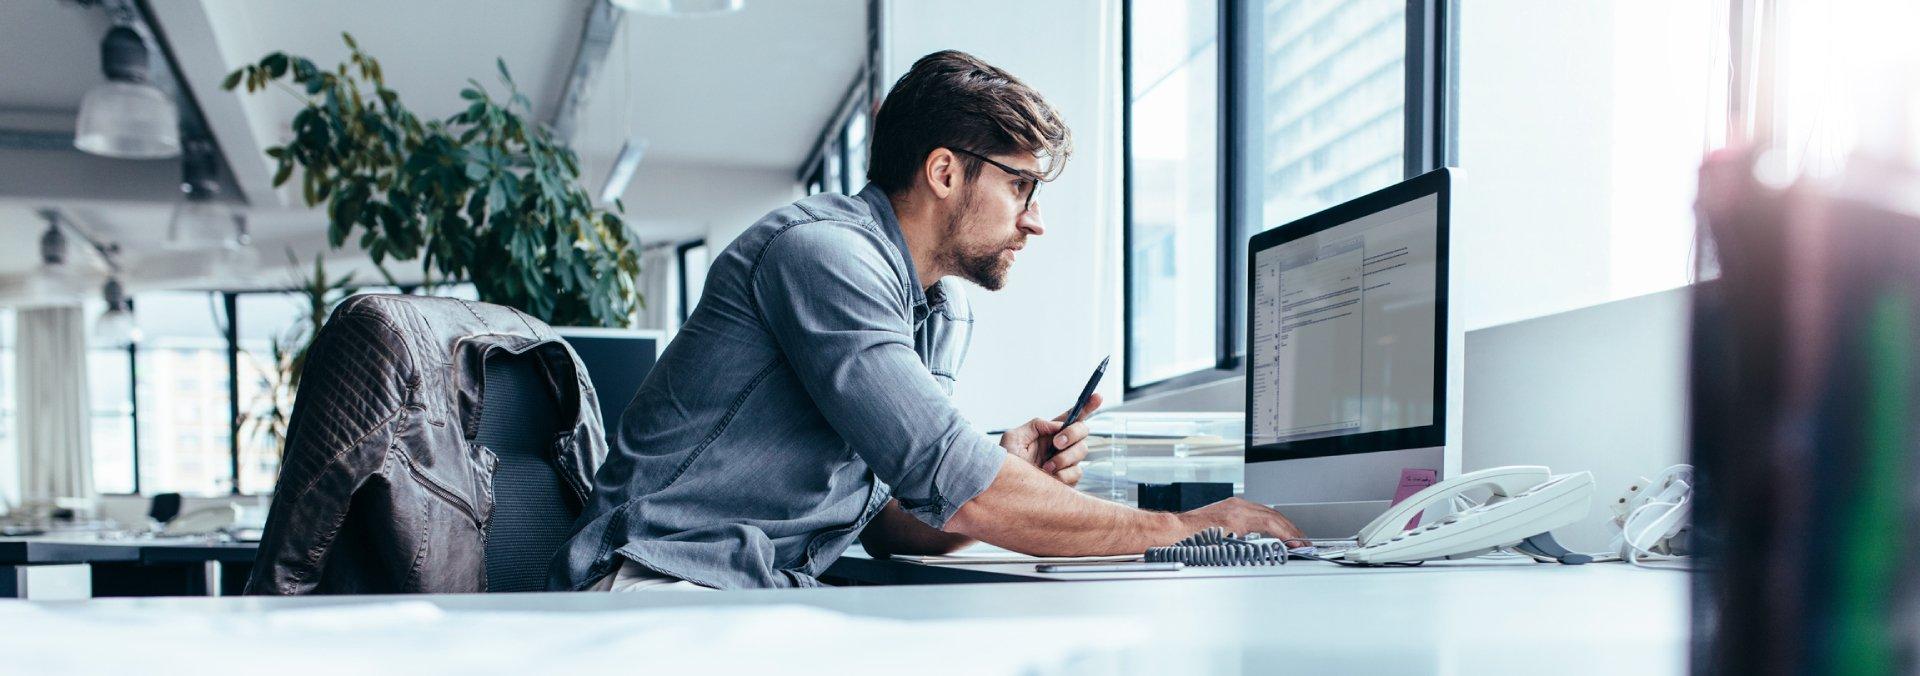 Online Technician Working